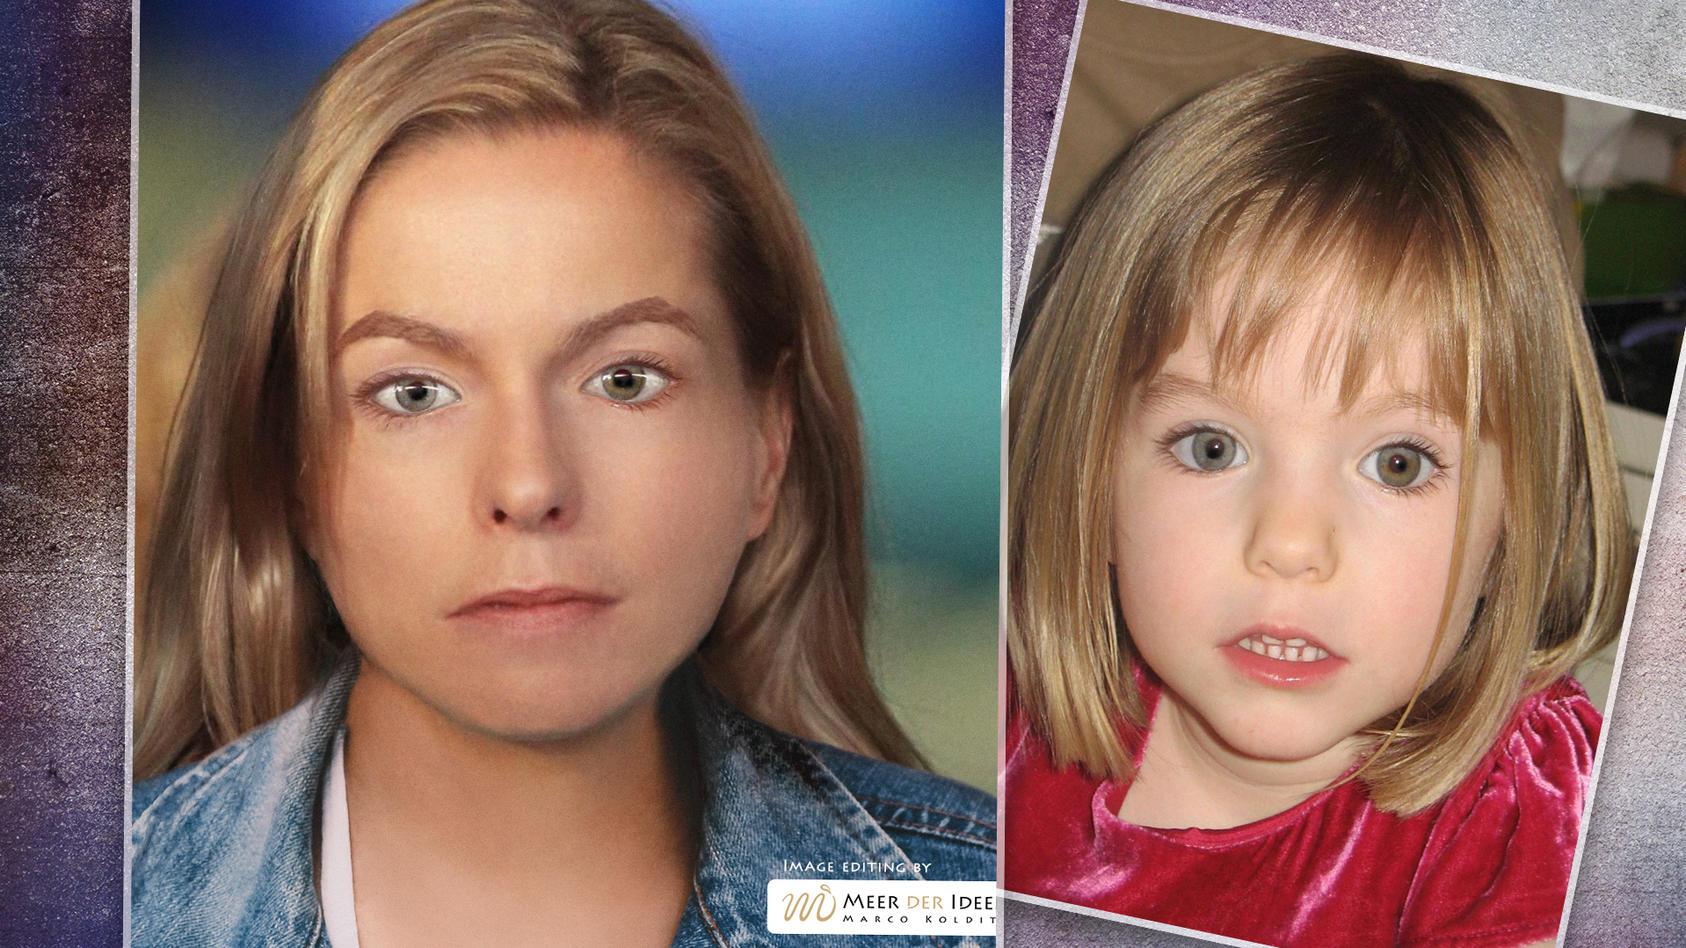 Ein am Computer erstelltes Bild zeigt, wie Madeleine McCann mit 18 Jahren aussehen könnte.